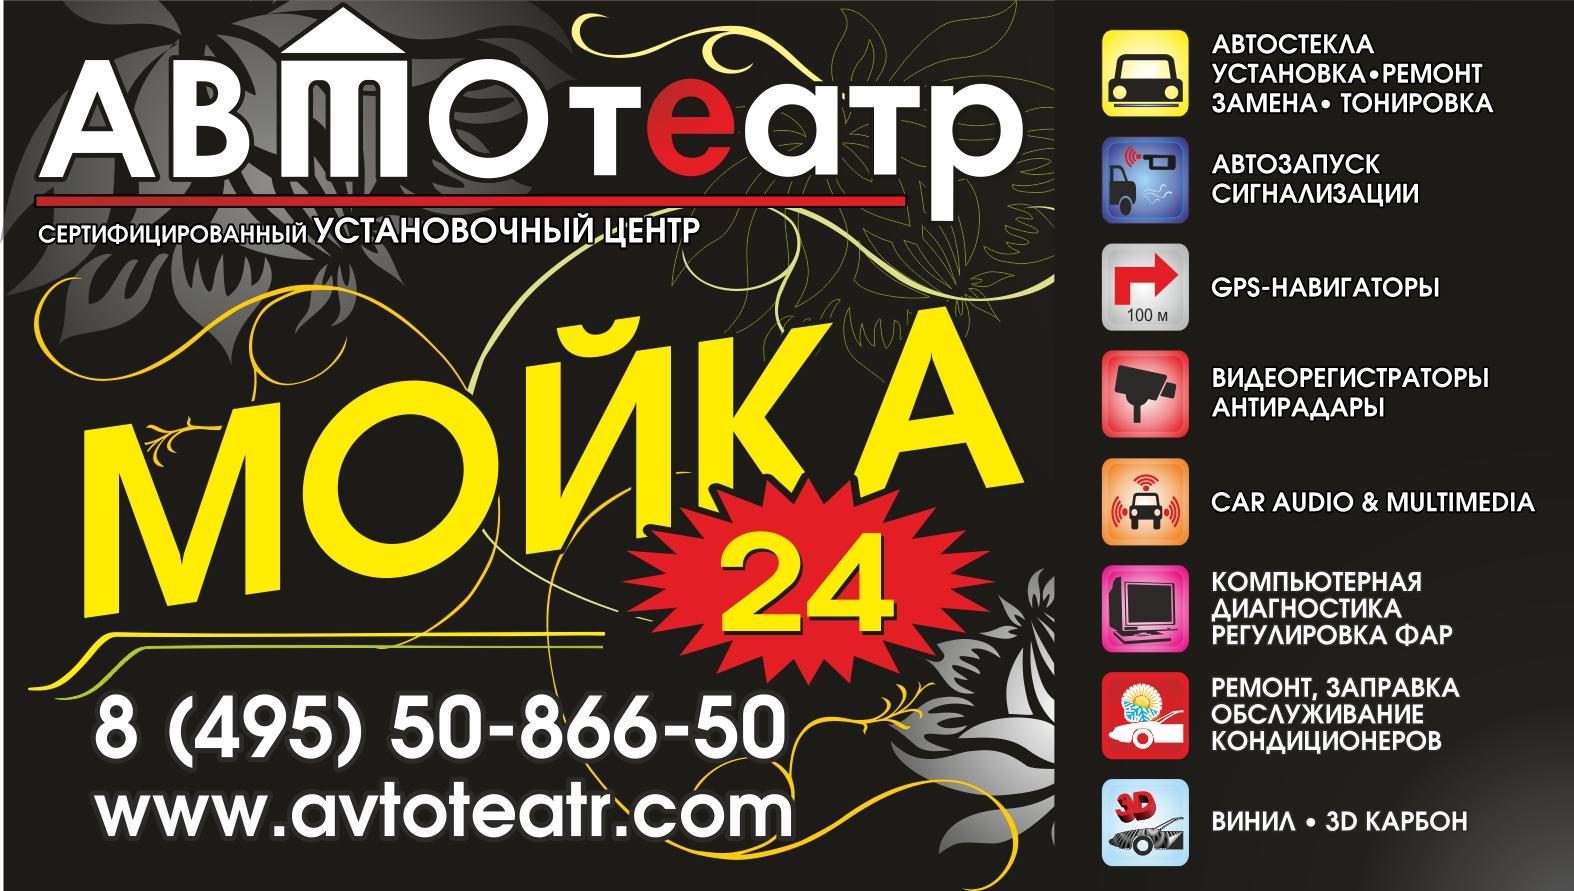 Автотеатр dmitrov